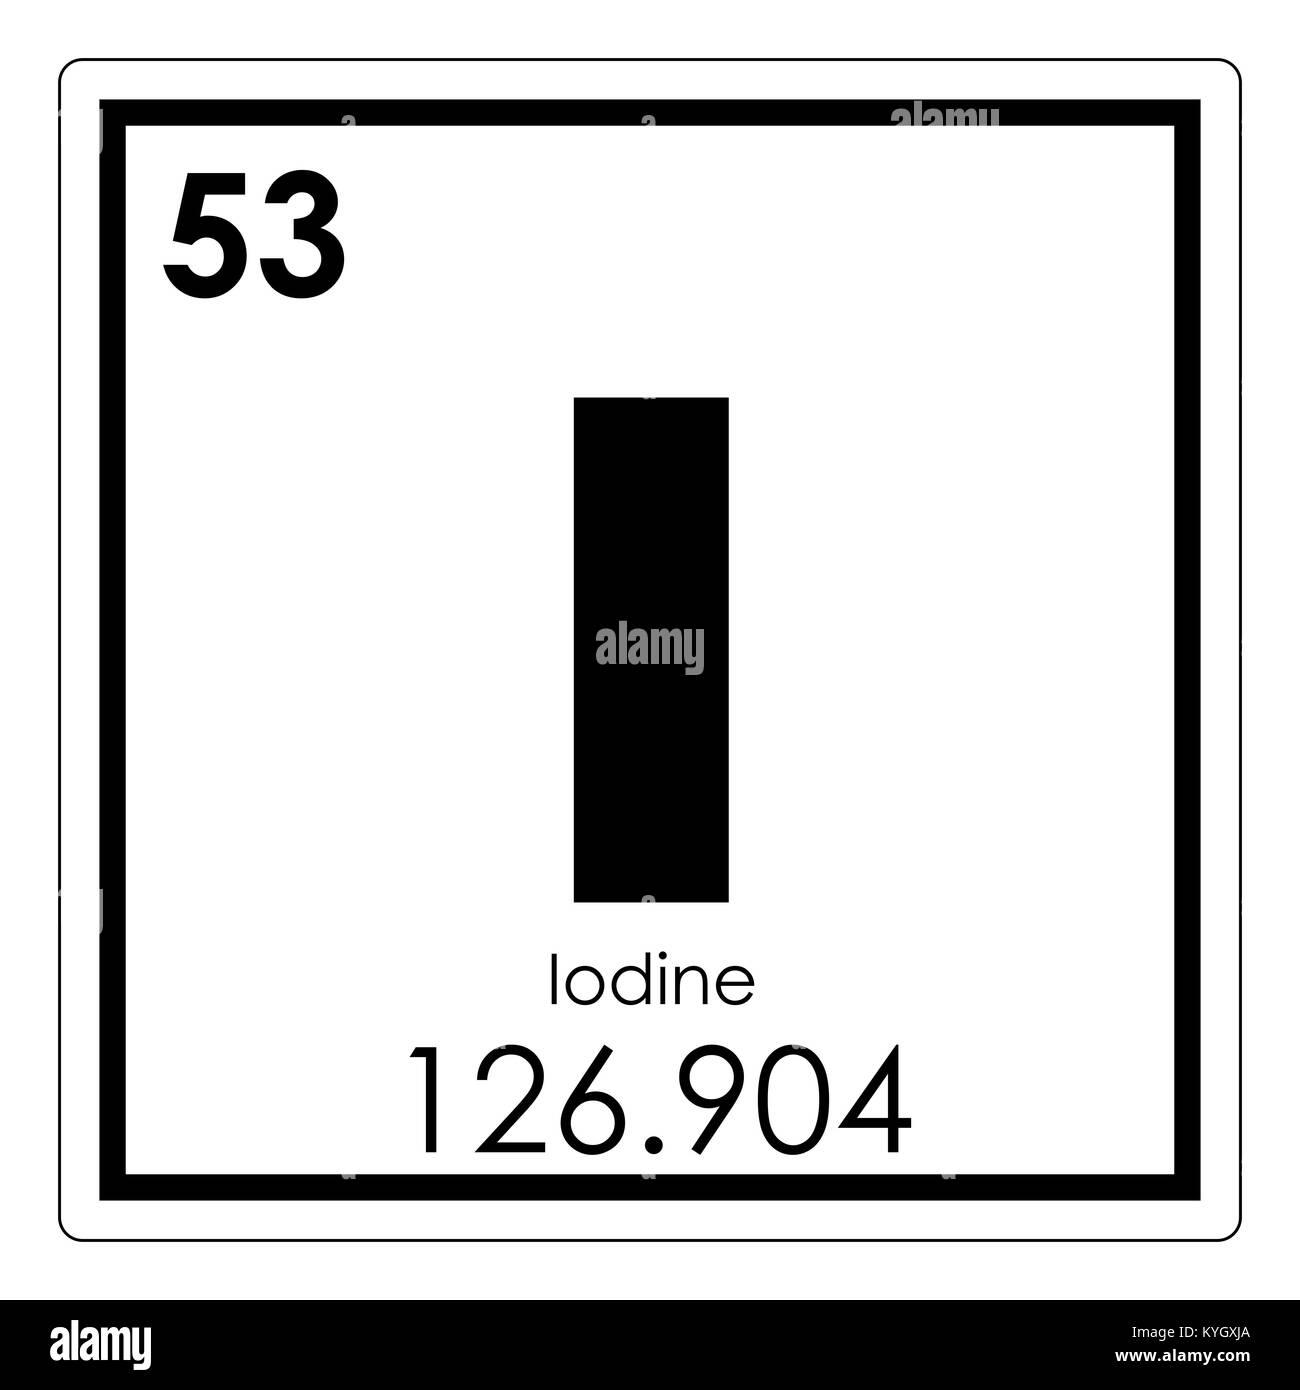 Tableau Periodique Des Elements Chimiques Iode Symbole De La Science Photo Stock Alamy